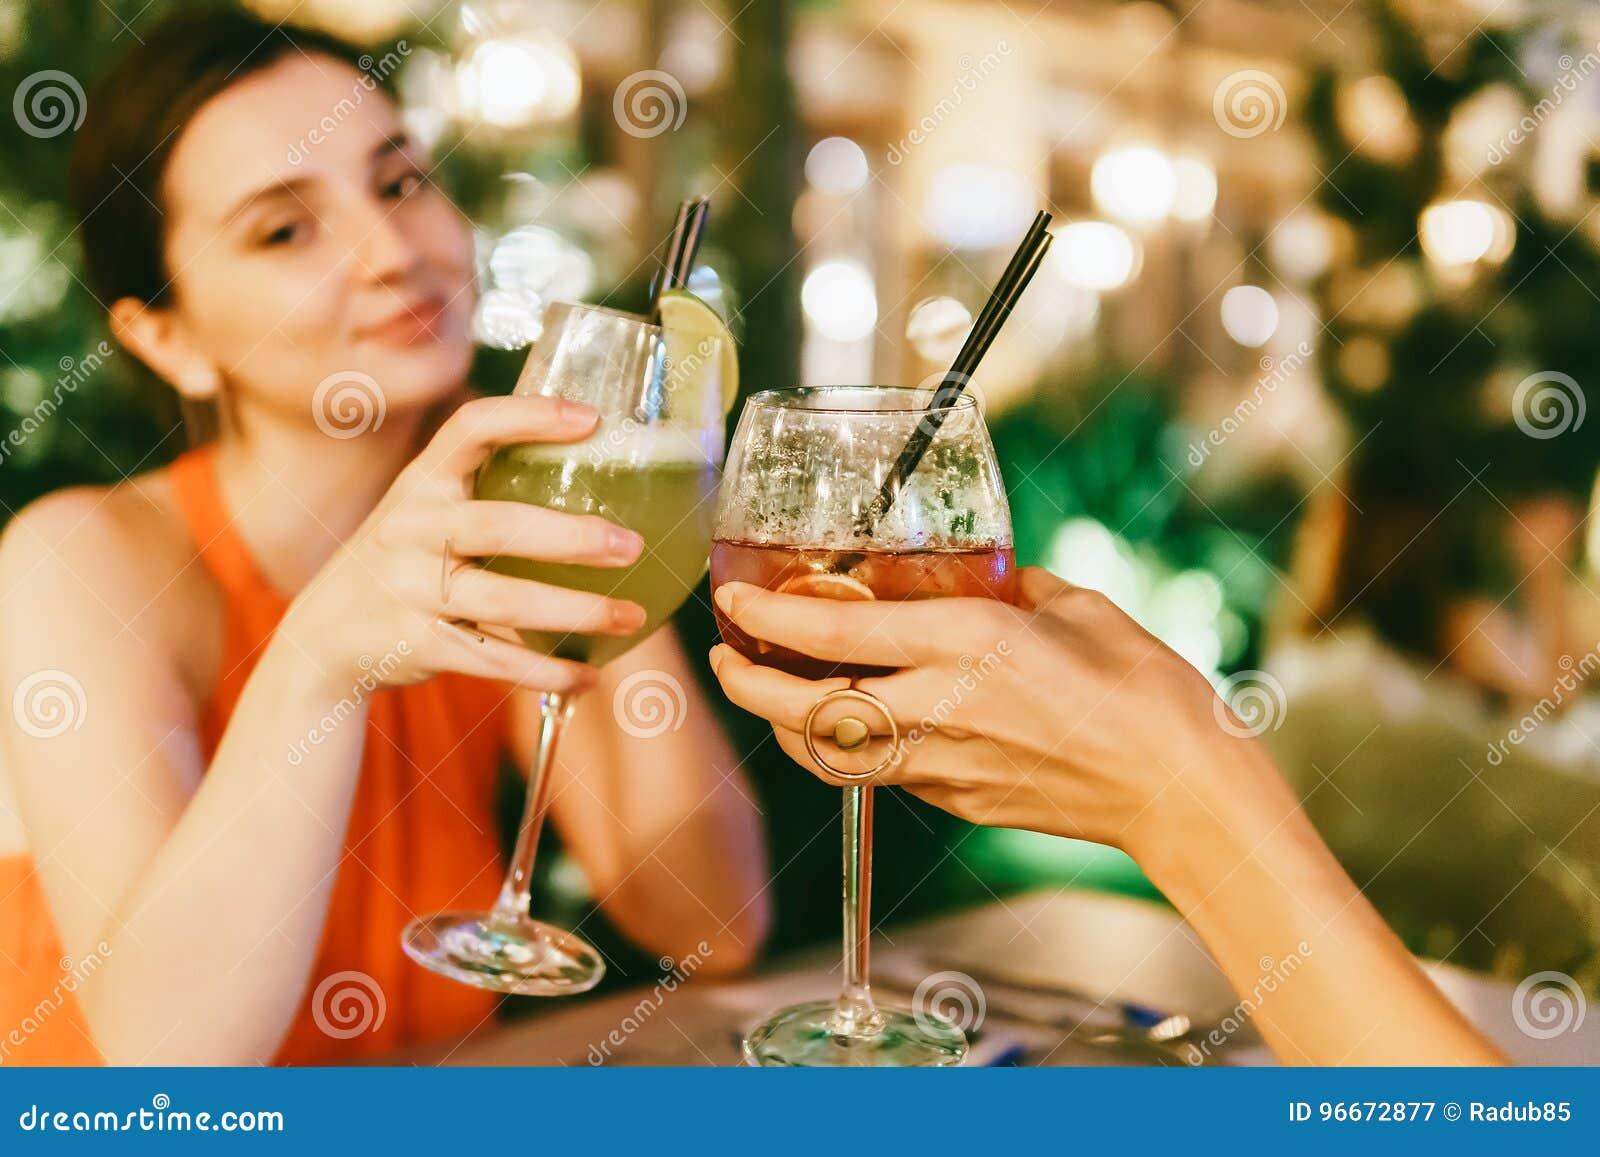 Χαριτωμένα κορίτσια που γιορτάζουν τη νύχτα έξω με τα ποτά κοκτέιλ